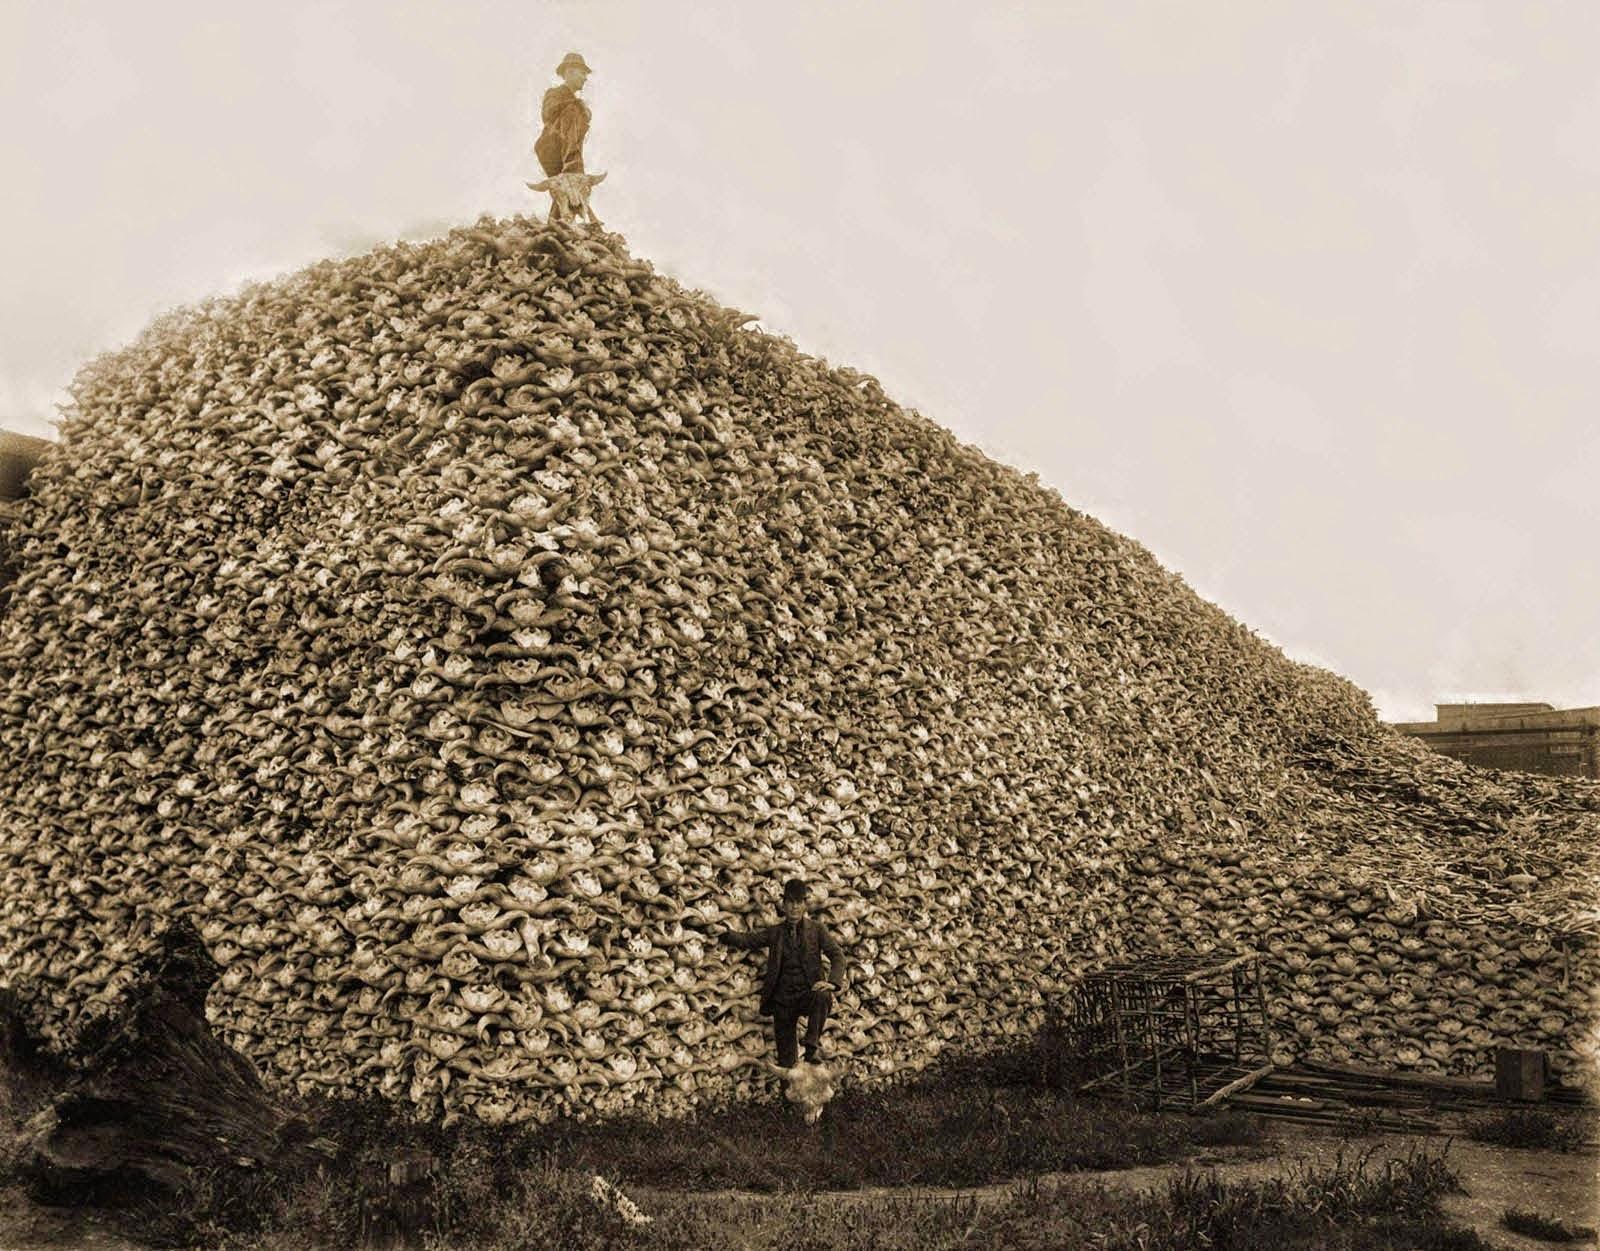 Pila de cráneos de bisontes 1870